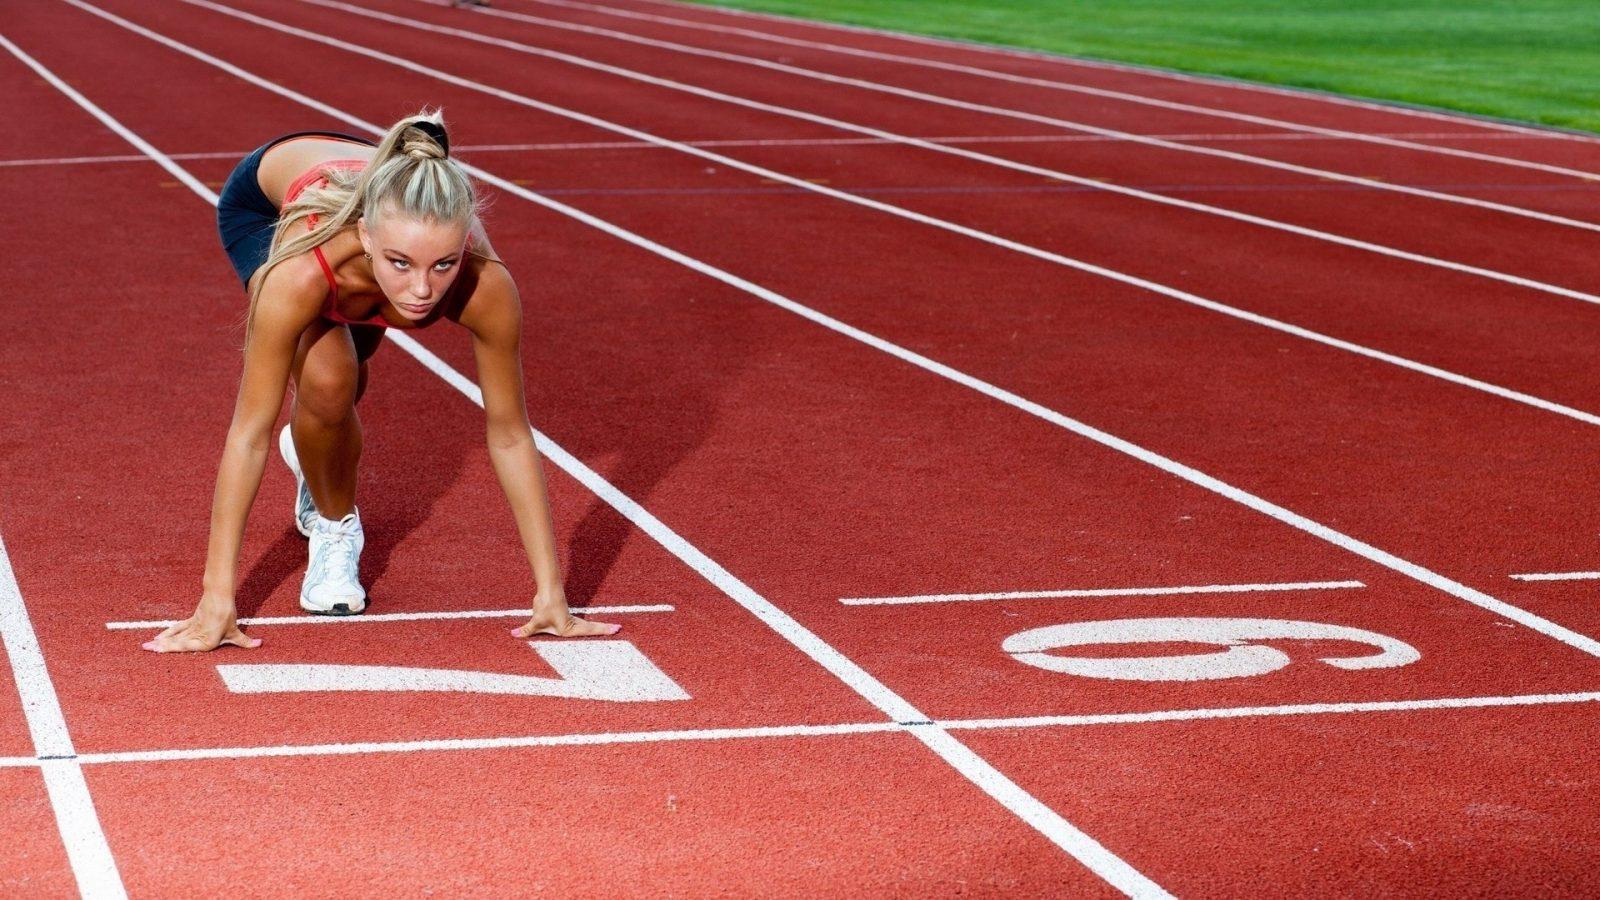 Красивая, спортивная девушка на беговом стадионе